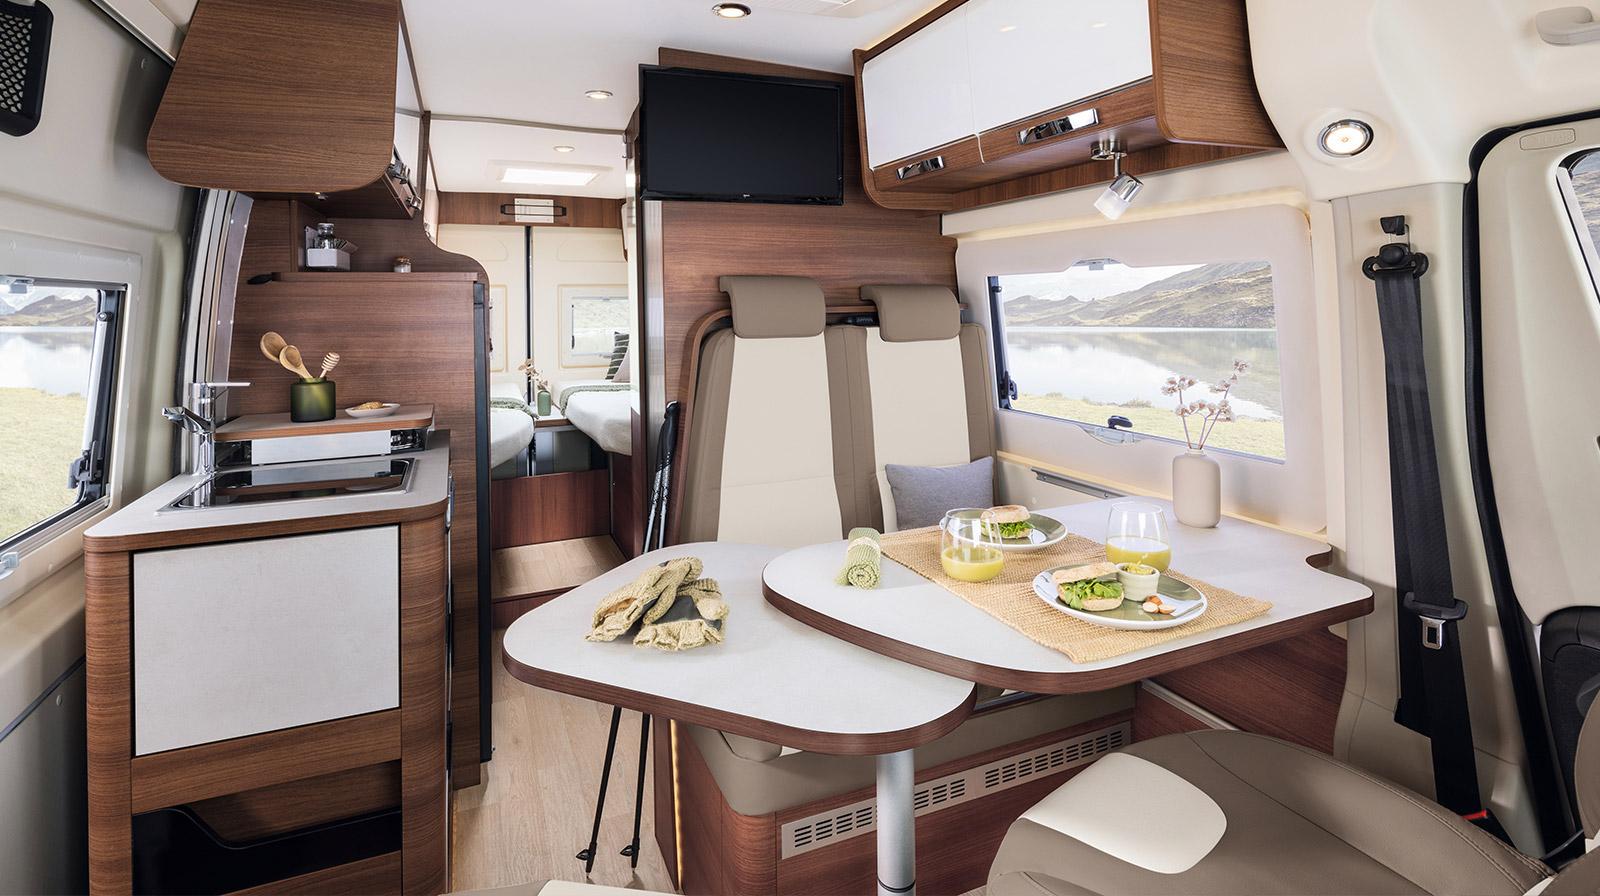 le mod le v68 est un van rapido am nag compact et confortable. Black Bedroom Furniture Sets. Home Design Ideas